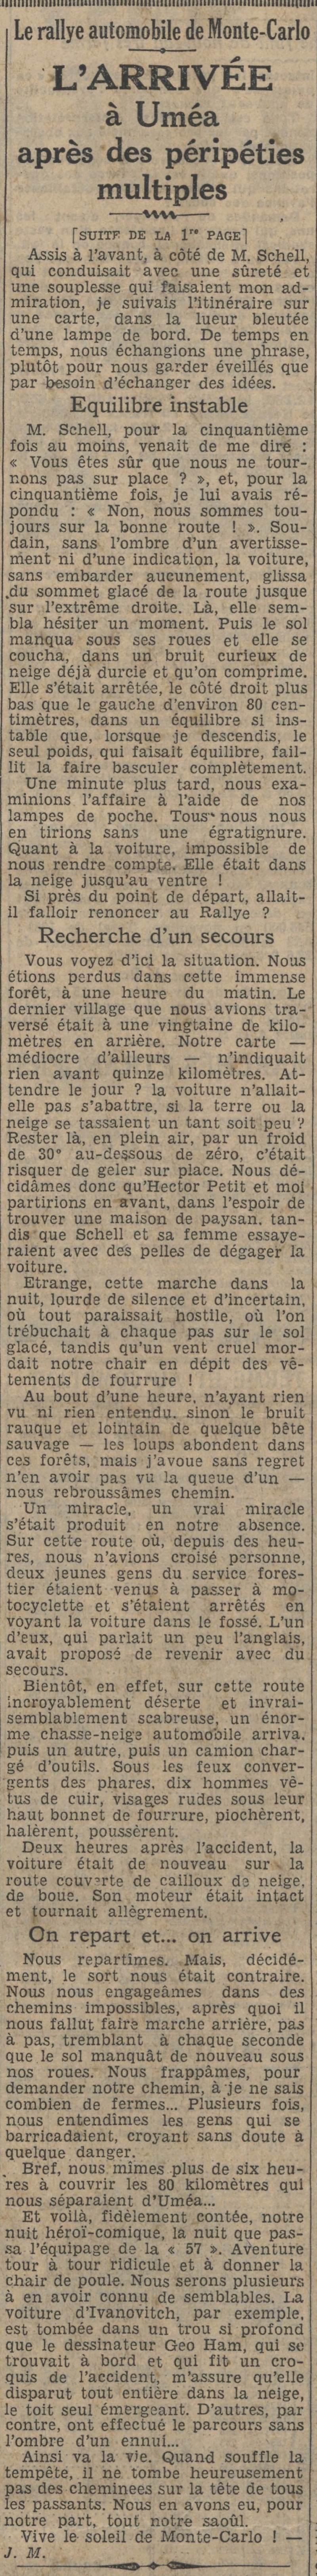 Un pilote Licorne : HECTOR PETIT - Page 2 Le_jou83